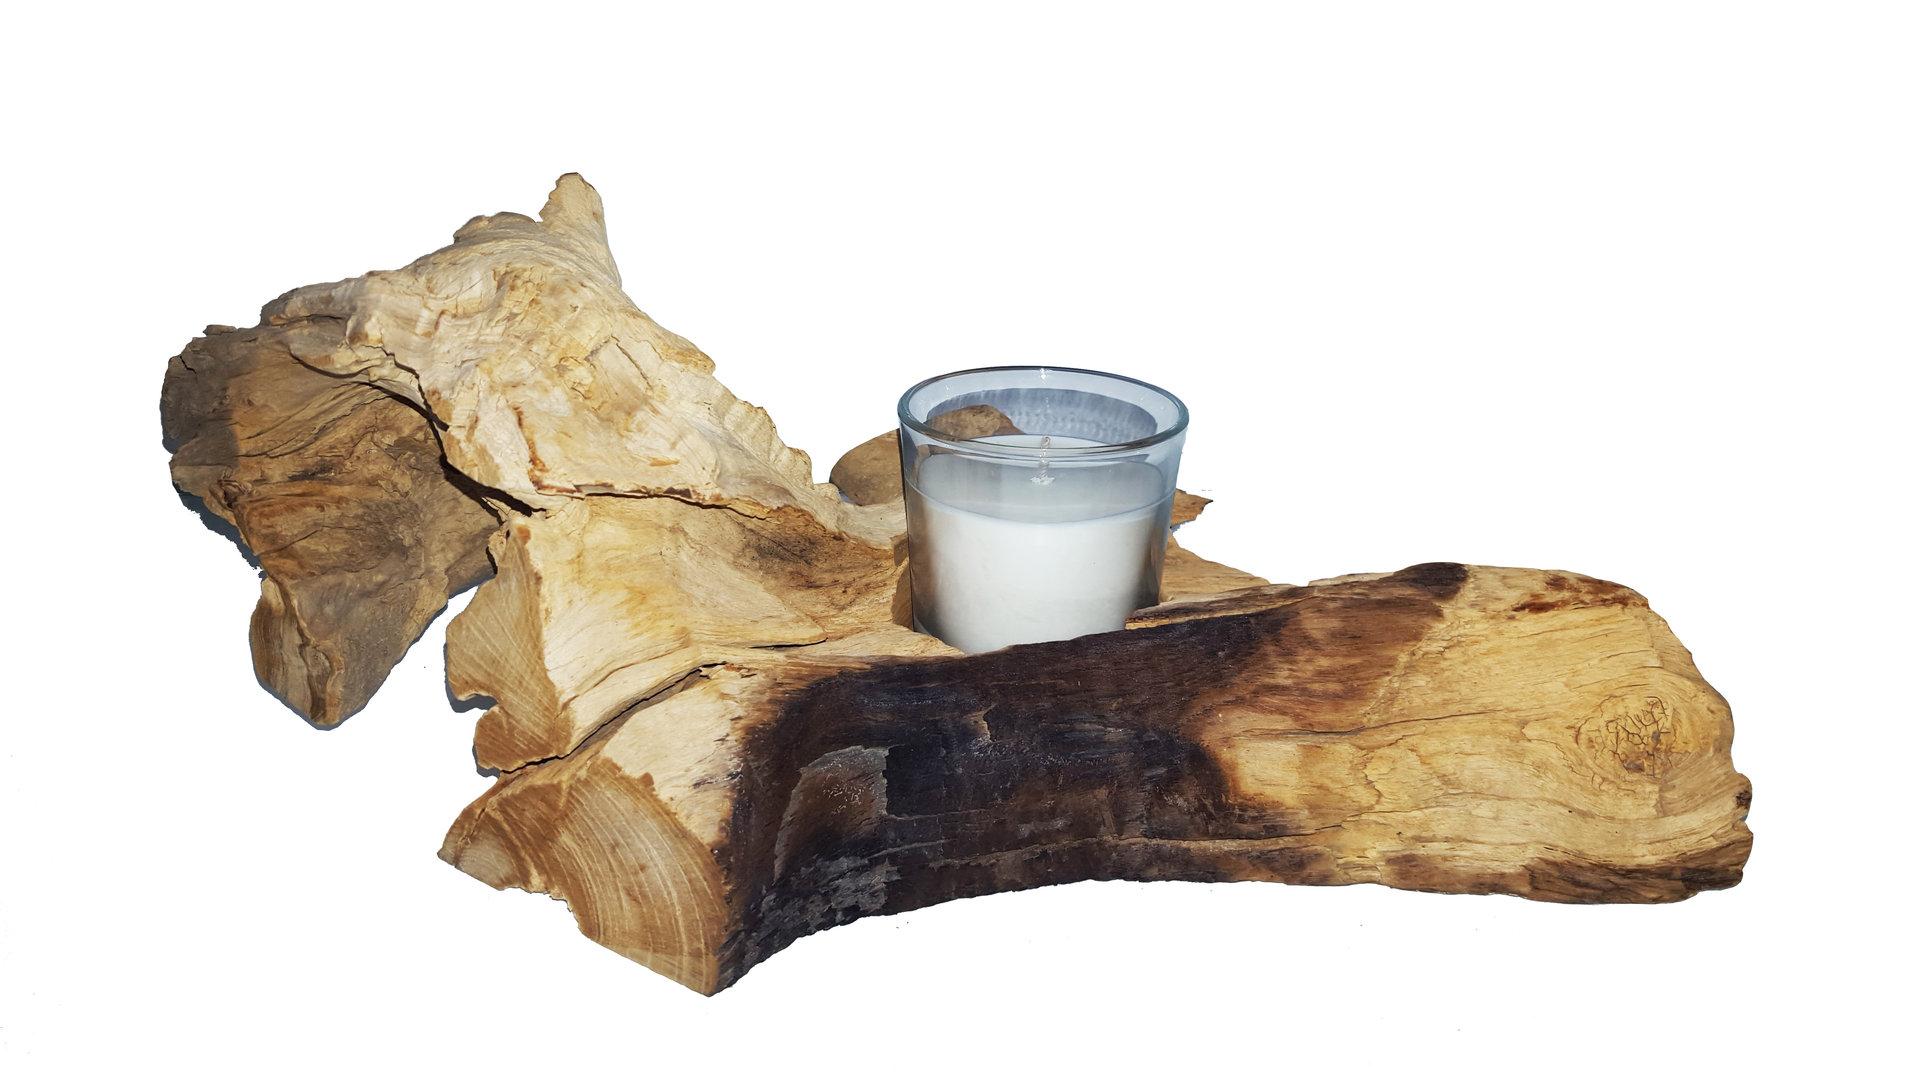 Kerzenständer Holz Weinflasche ~ Kerzenhalter, Teak, hell, ca 20 40×20 30×10 cm  CleanPrince de